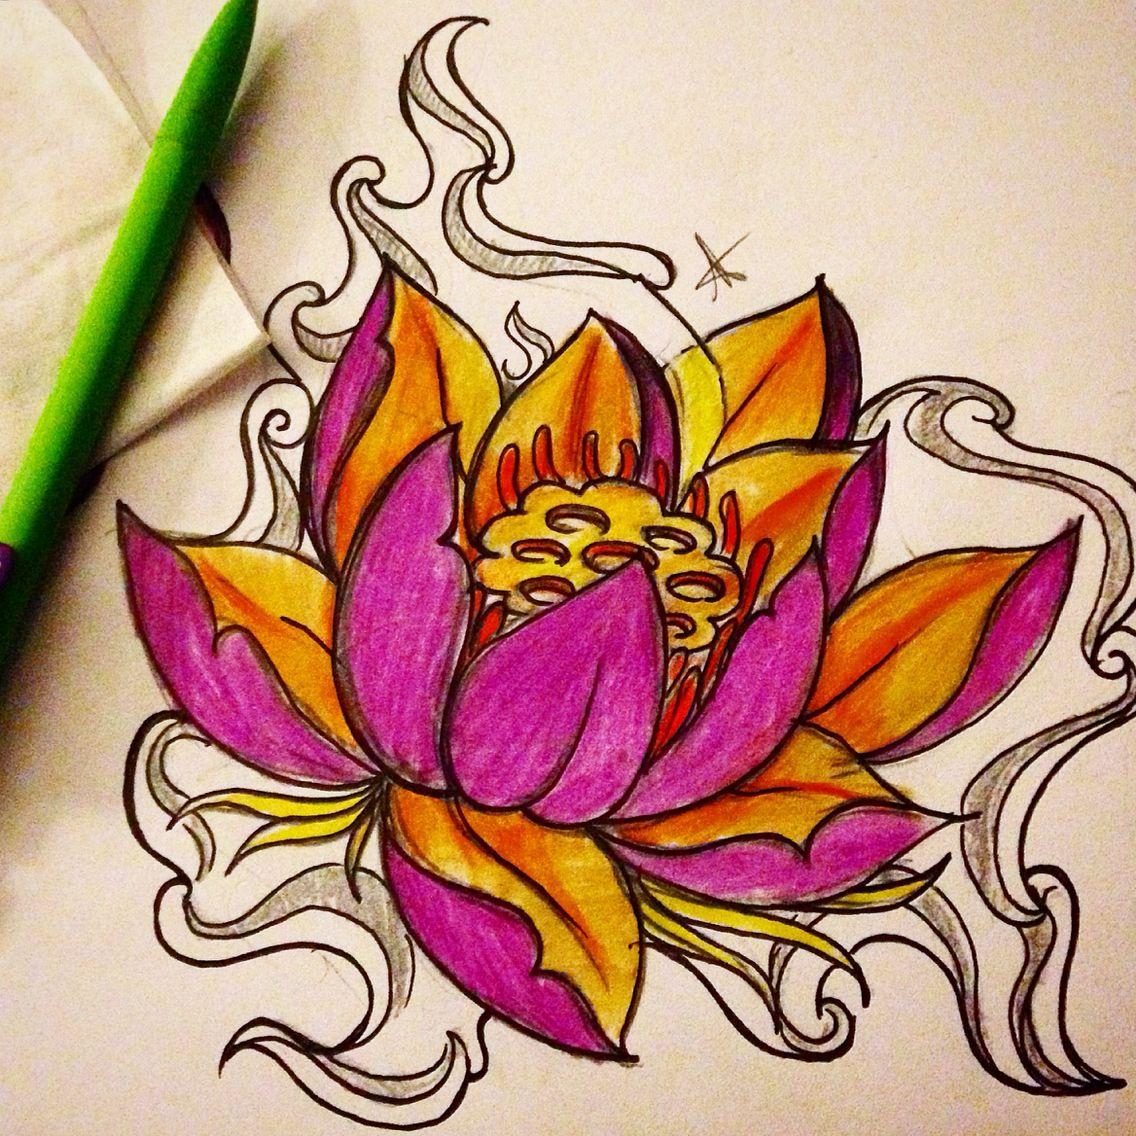 Smoking Lotus My Own Few Drawings Pinterest